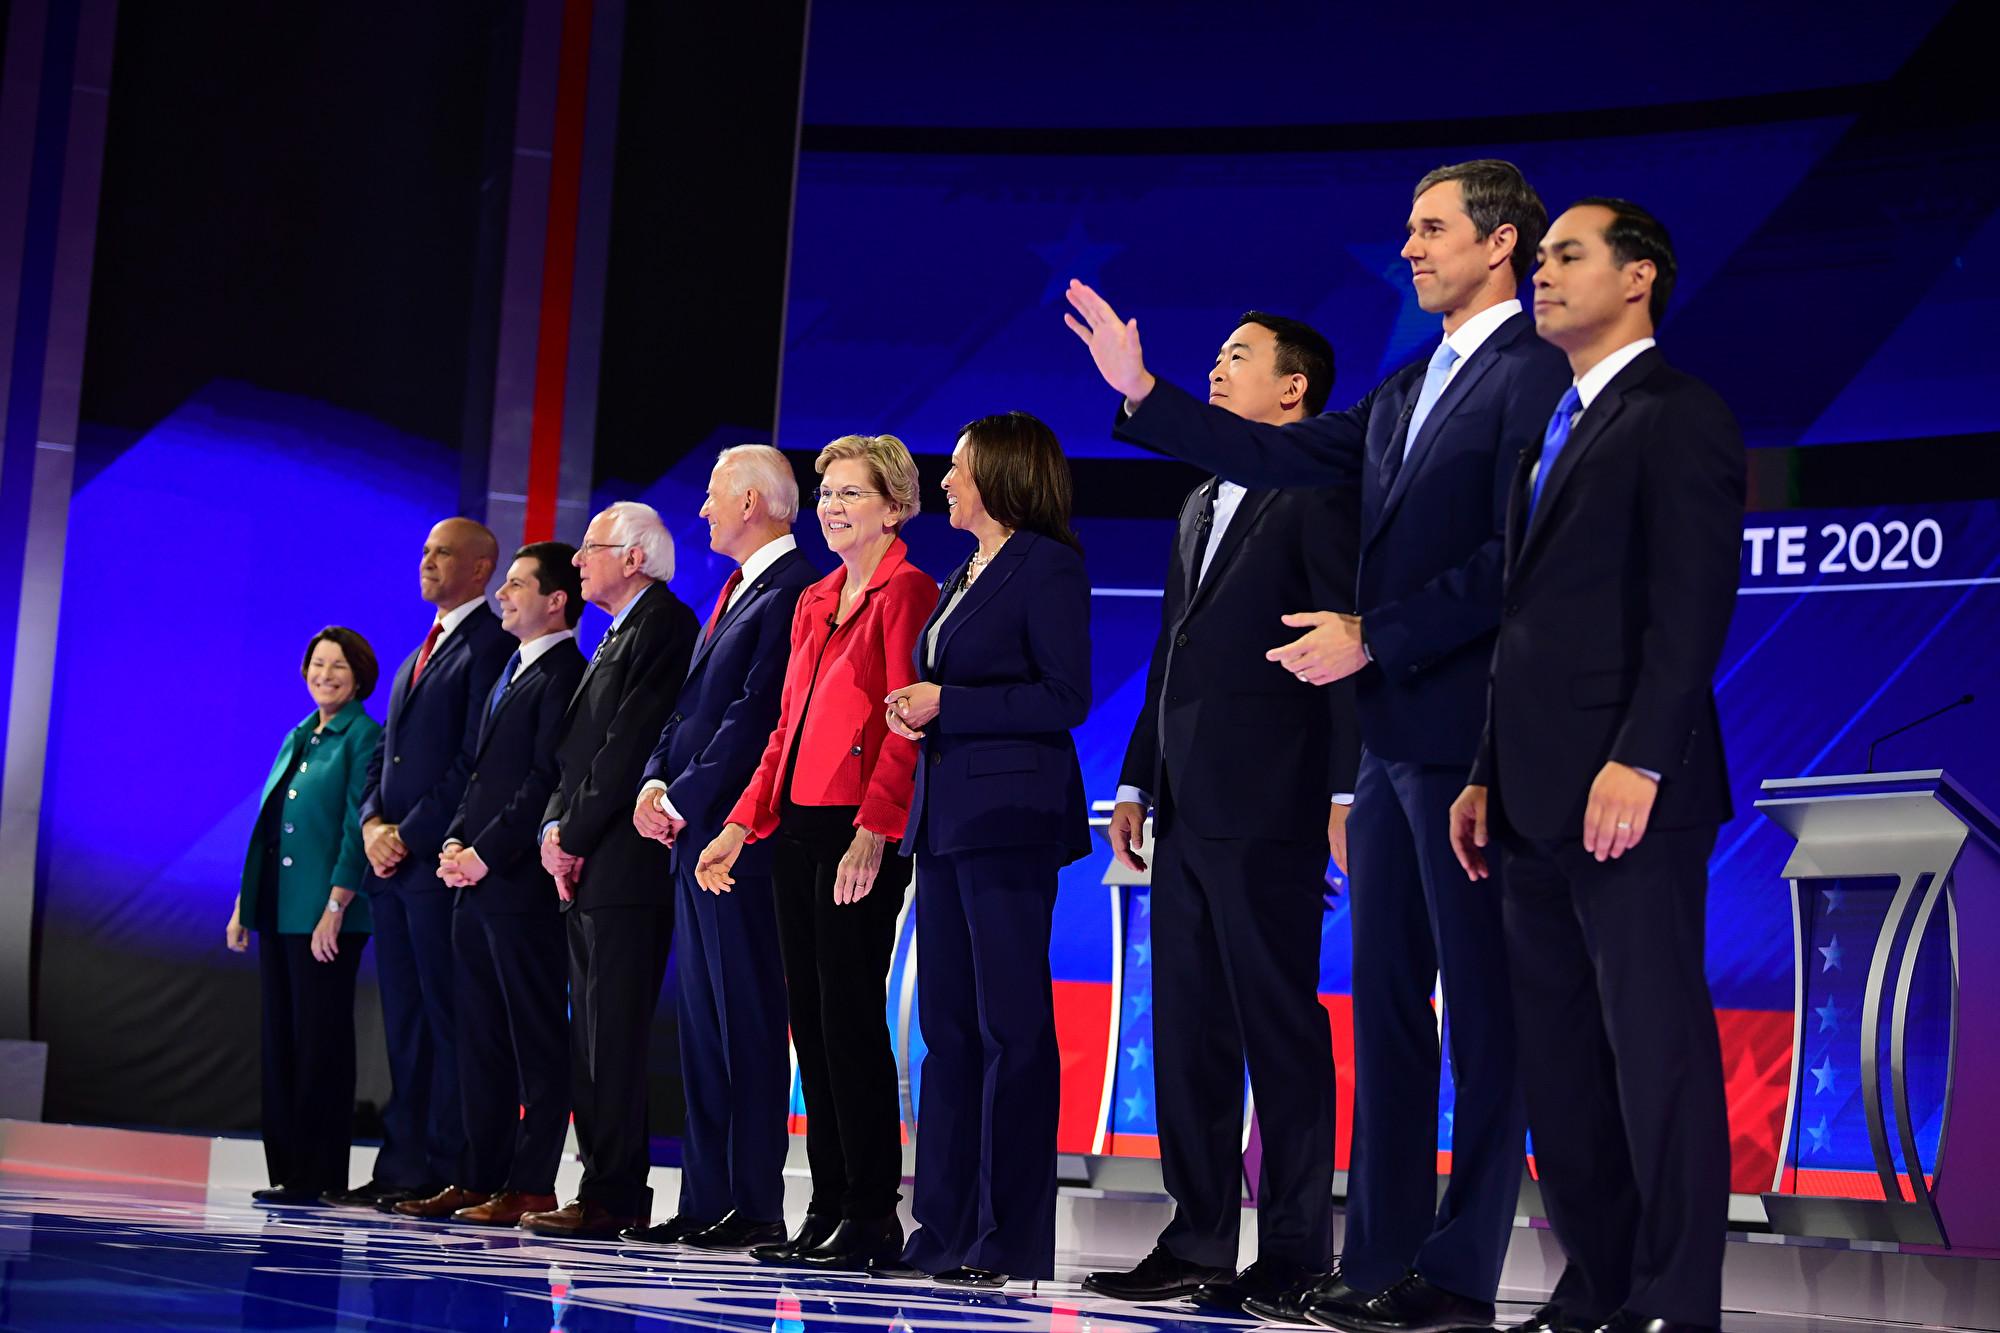 周四(9月13日)晚民主黨2020年候選人在候斯頓舉行了第三次辯論。(Frederic J. BROWN/AFP)